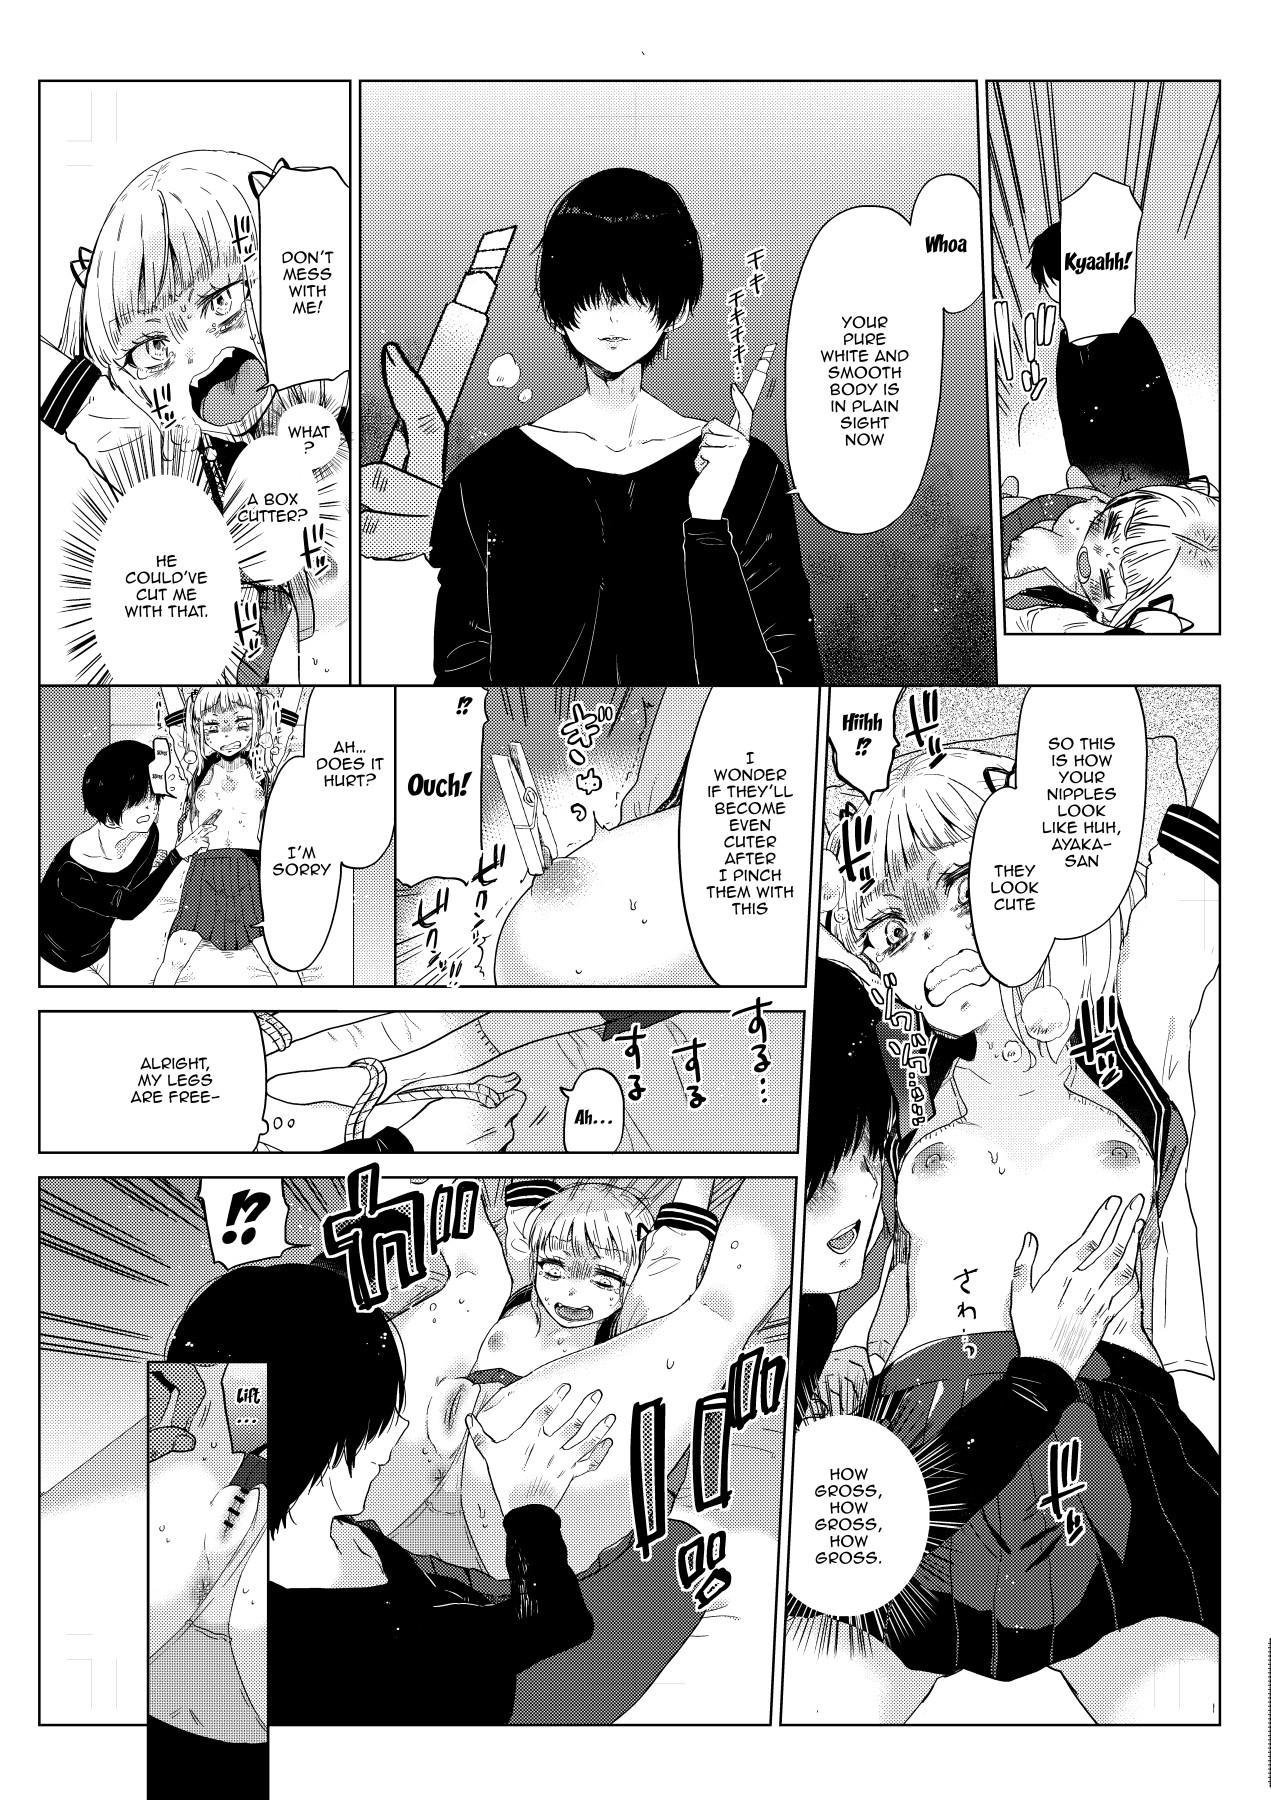 [Circle Mitsuhagane (Menu.)] Hairanhi no Mesugaki JC Ayaka-chan ~Kankin → Tanetsuke Rape no Matsuro~ | Schoolgirl Aya-chan's Ovulation Day ~Confinement Leads To Fucking Raw~ [English] {Doujins.com} 5